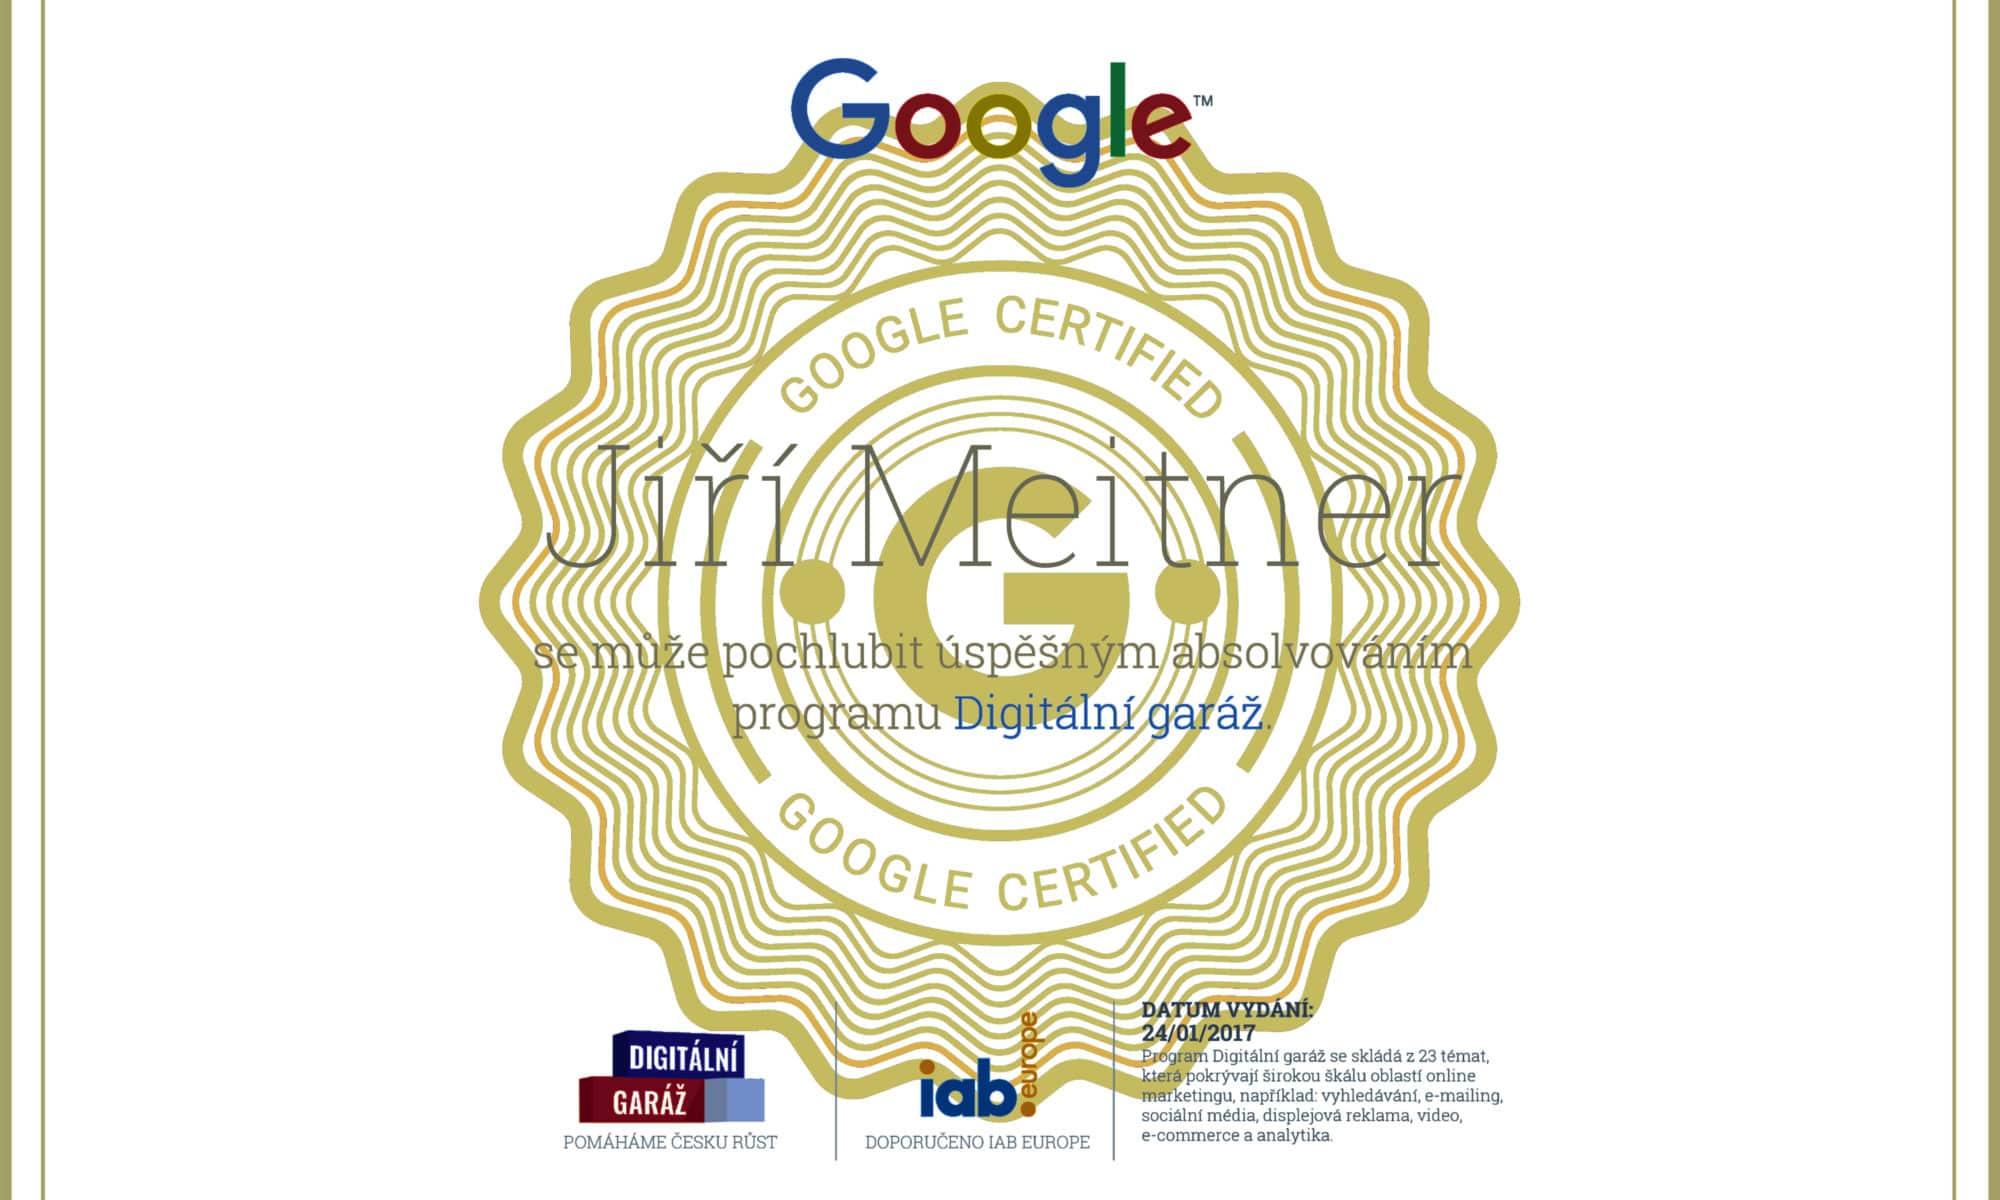 Googole certifikát digitální garáž